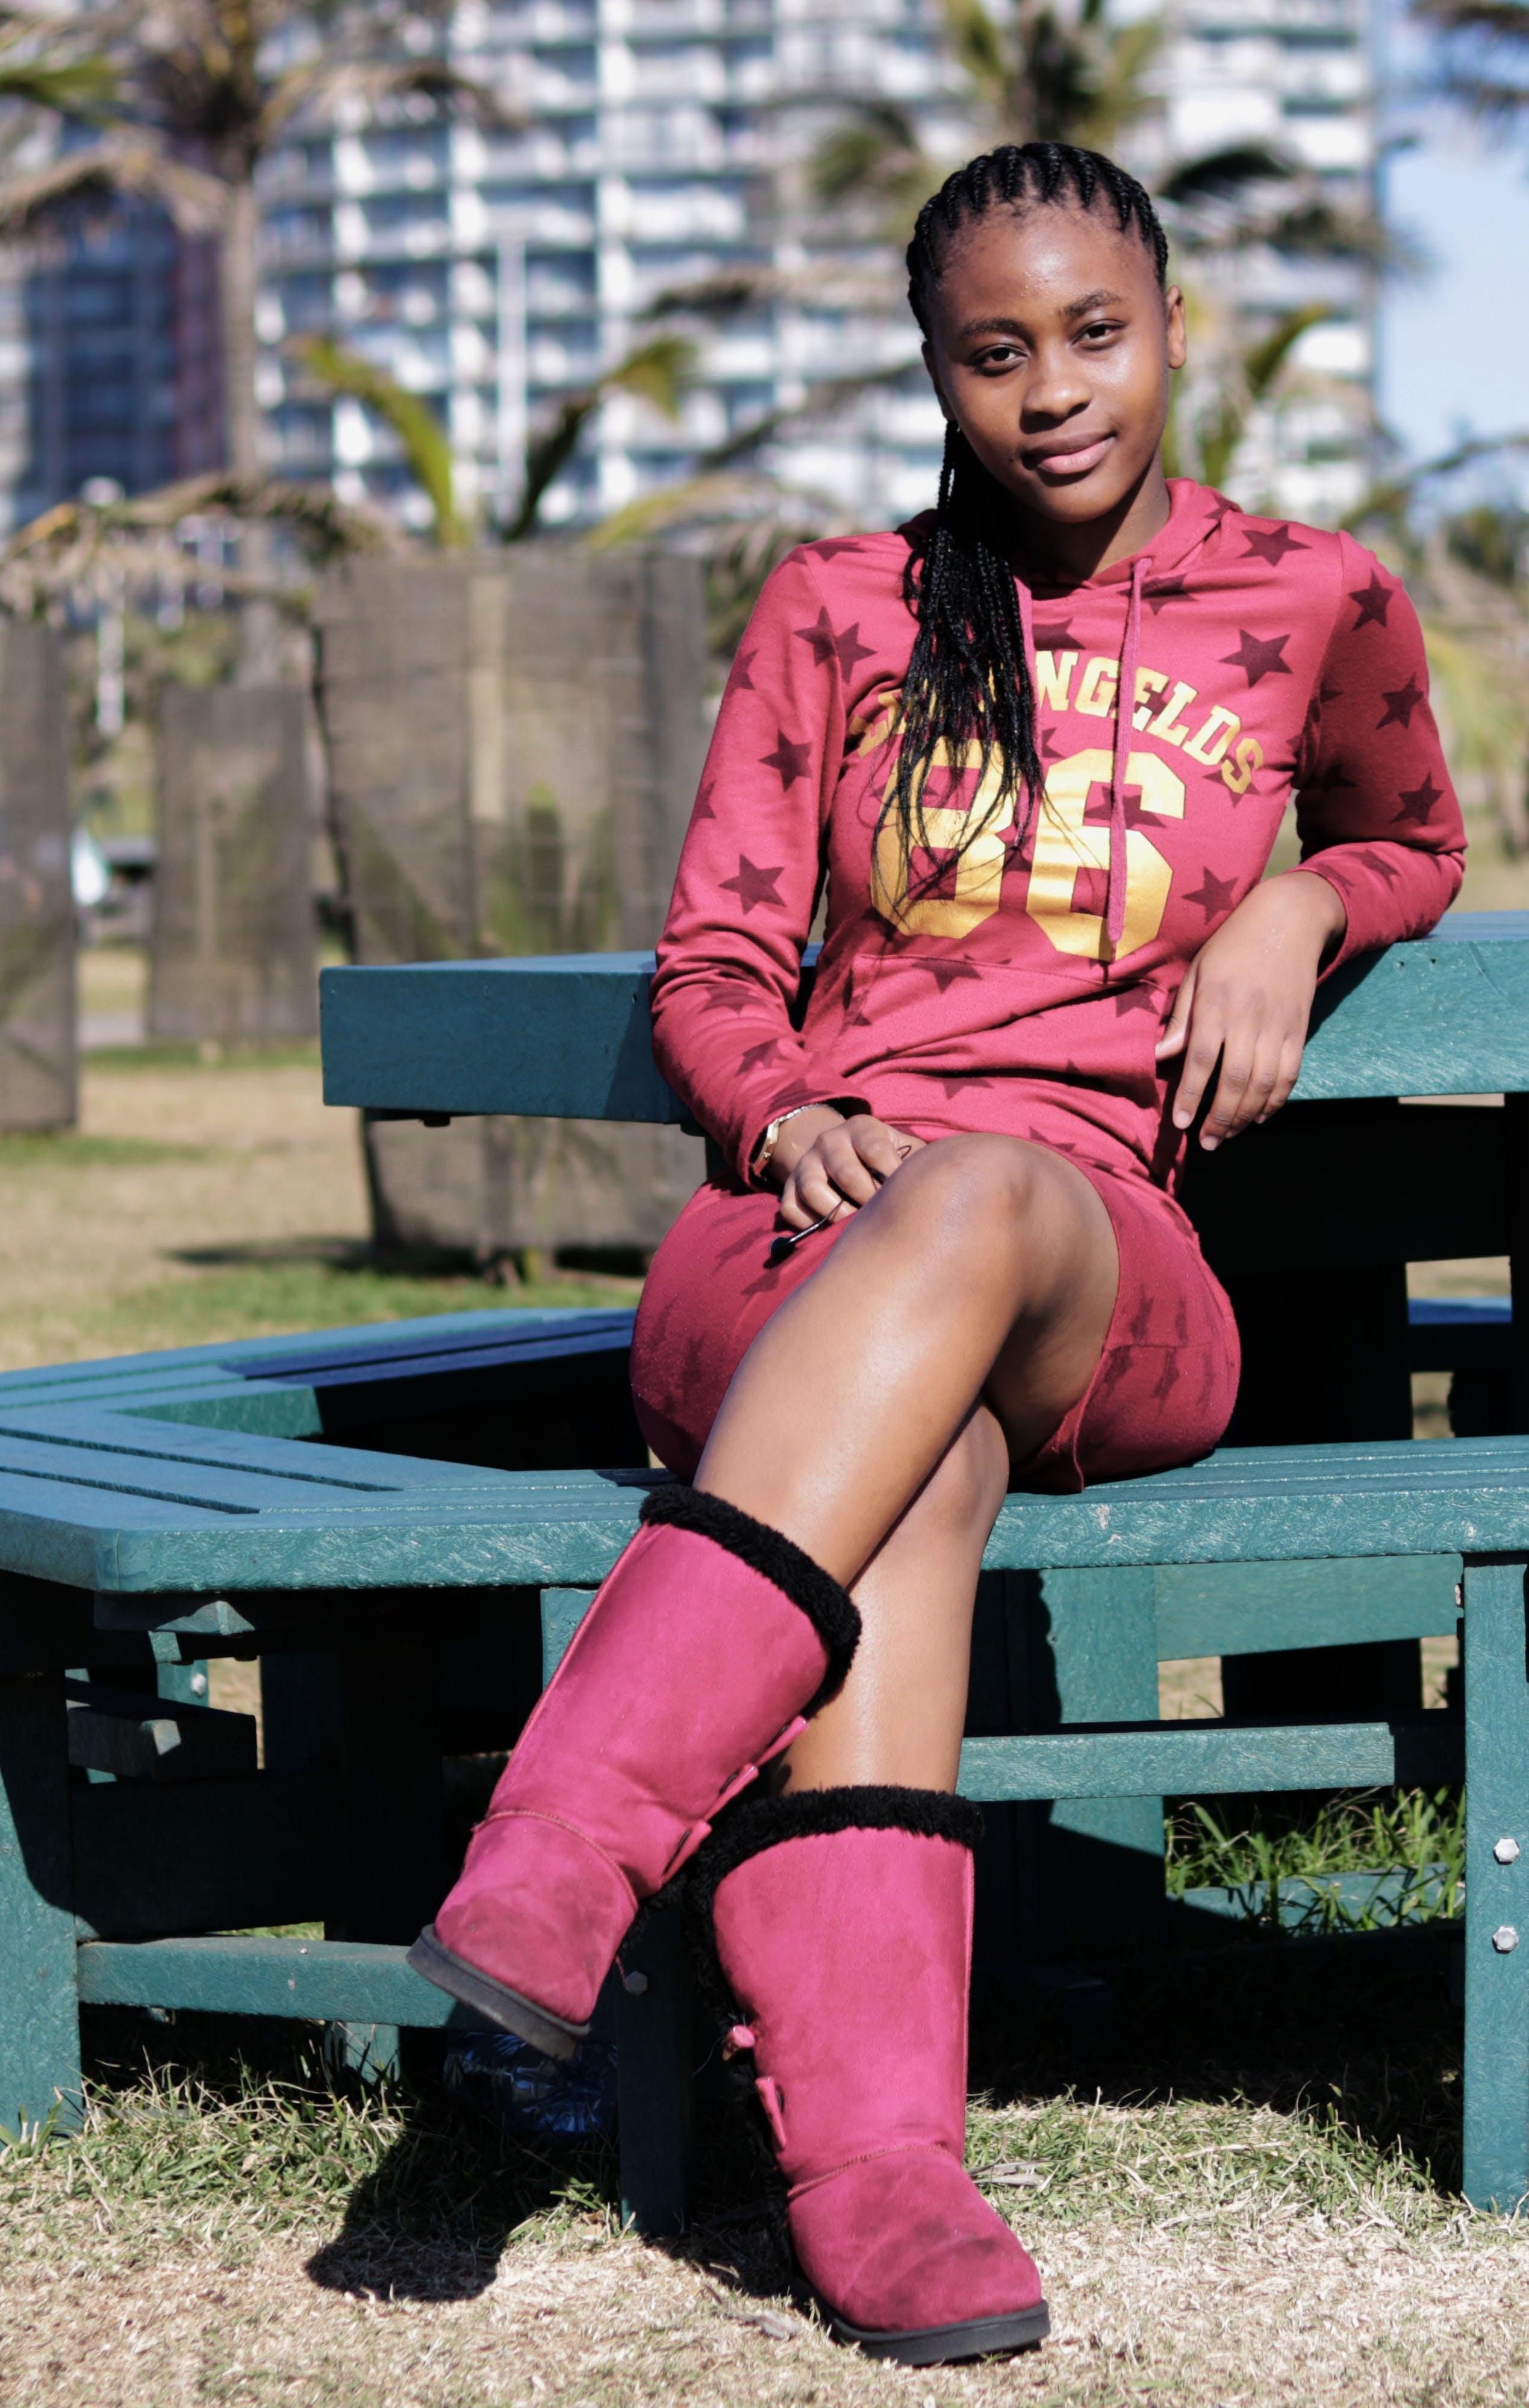 Free stock photo of Black beautiful woman